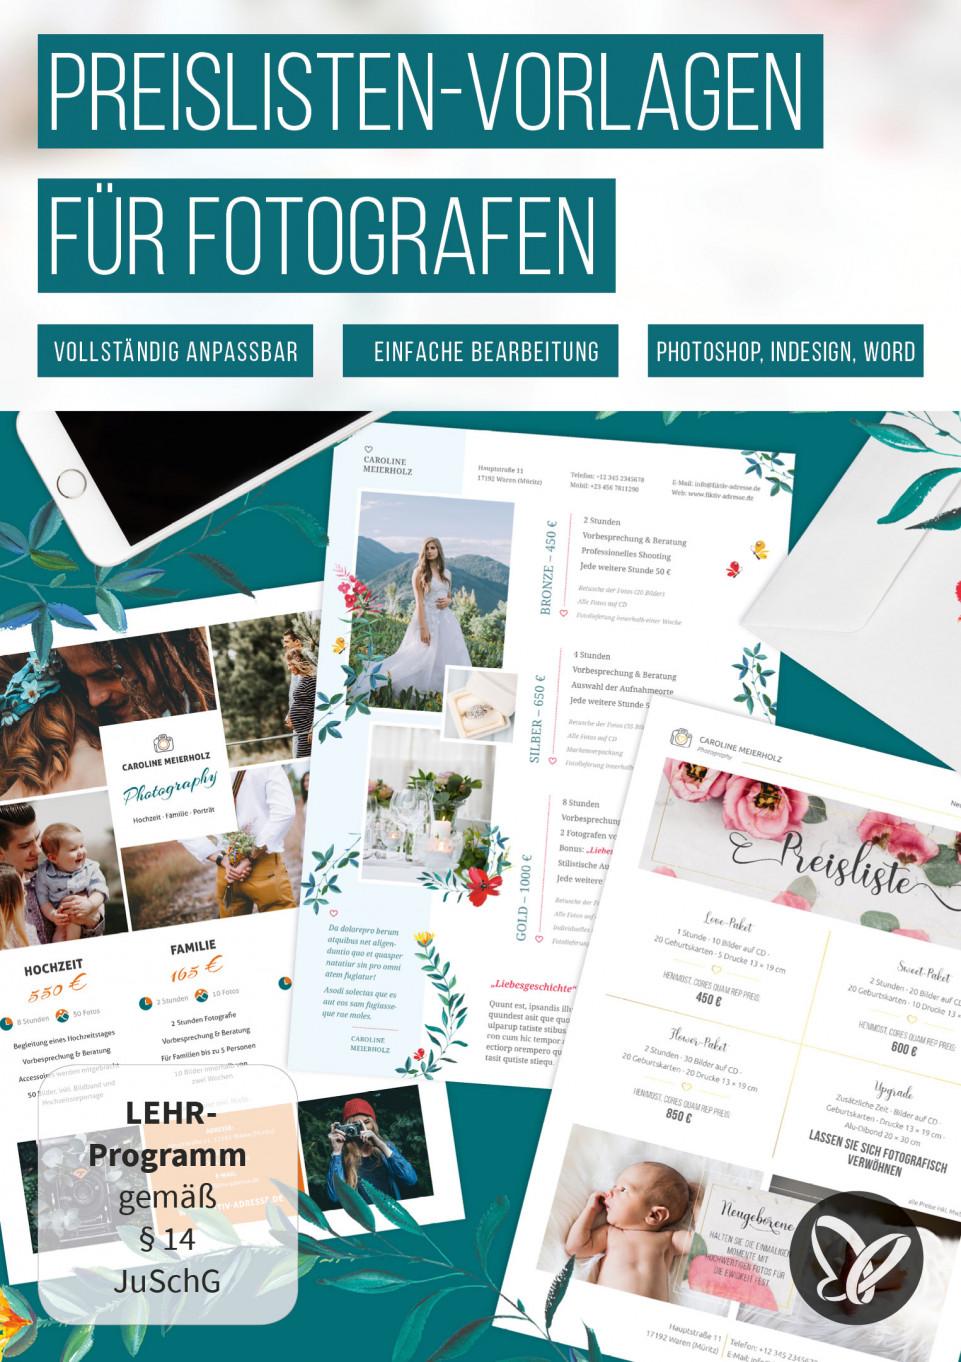 Preislisten-Vorlagen für Fotografen – Photoshop, InDesign und Word